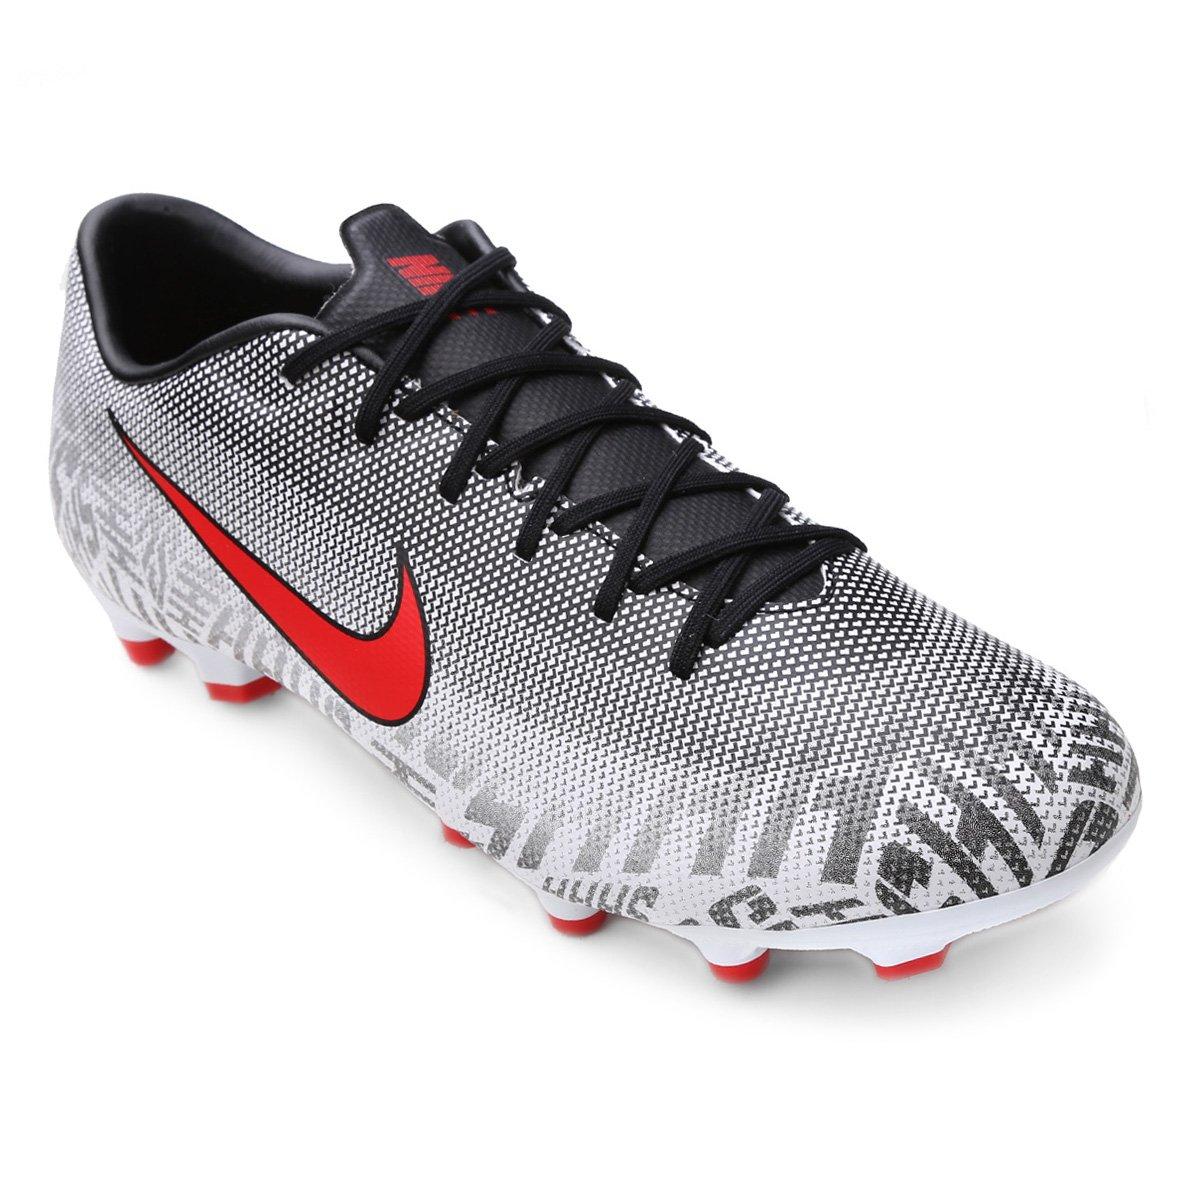 ec8c1931f2 Chuteira Campo Nike Mercurial Vapor 12 Academy Neymar Jr FG - Branco e  Vermelho - Compre Agora